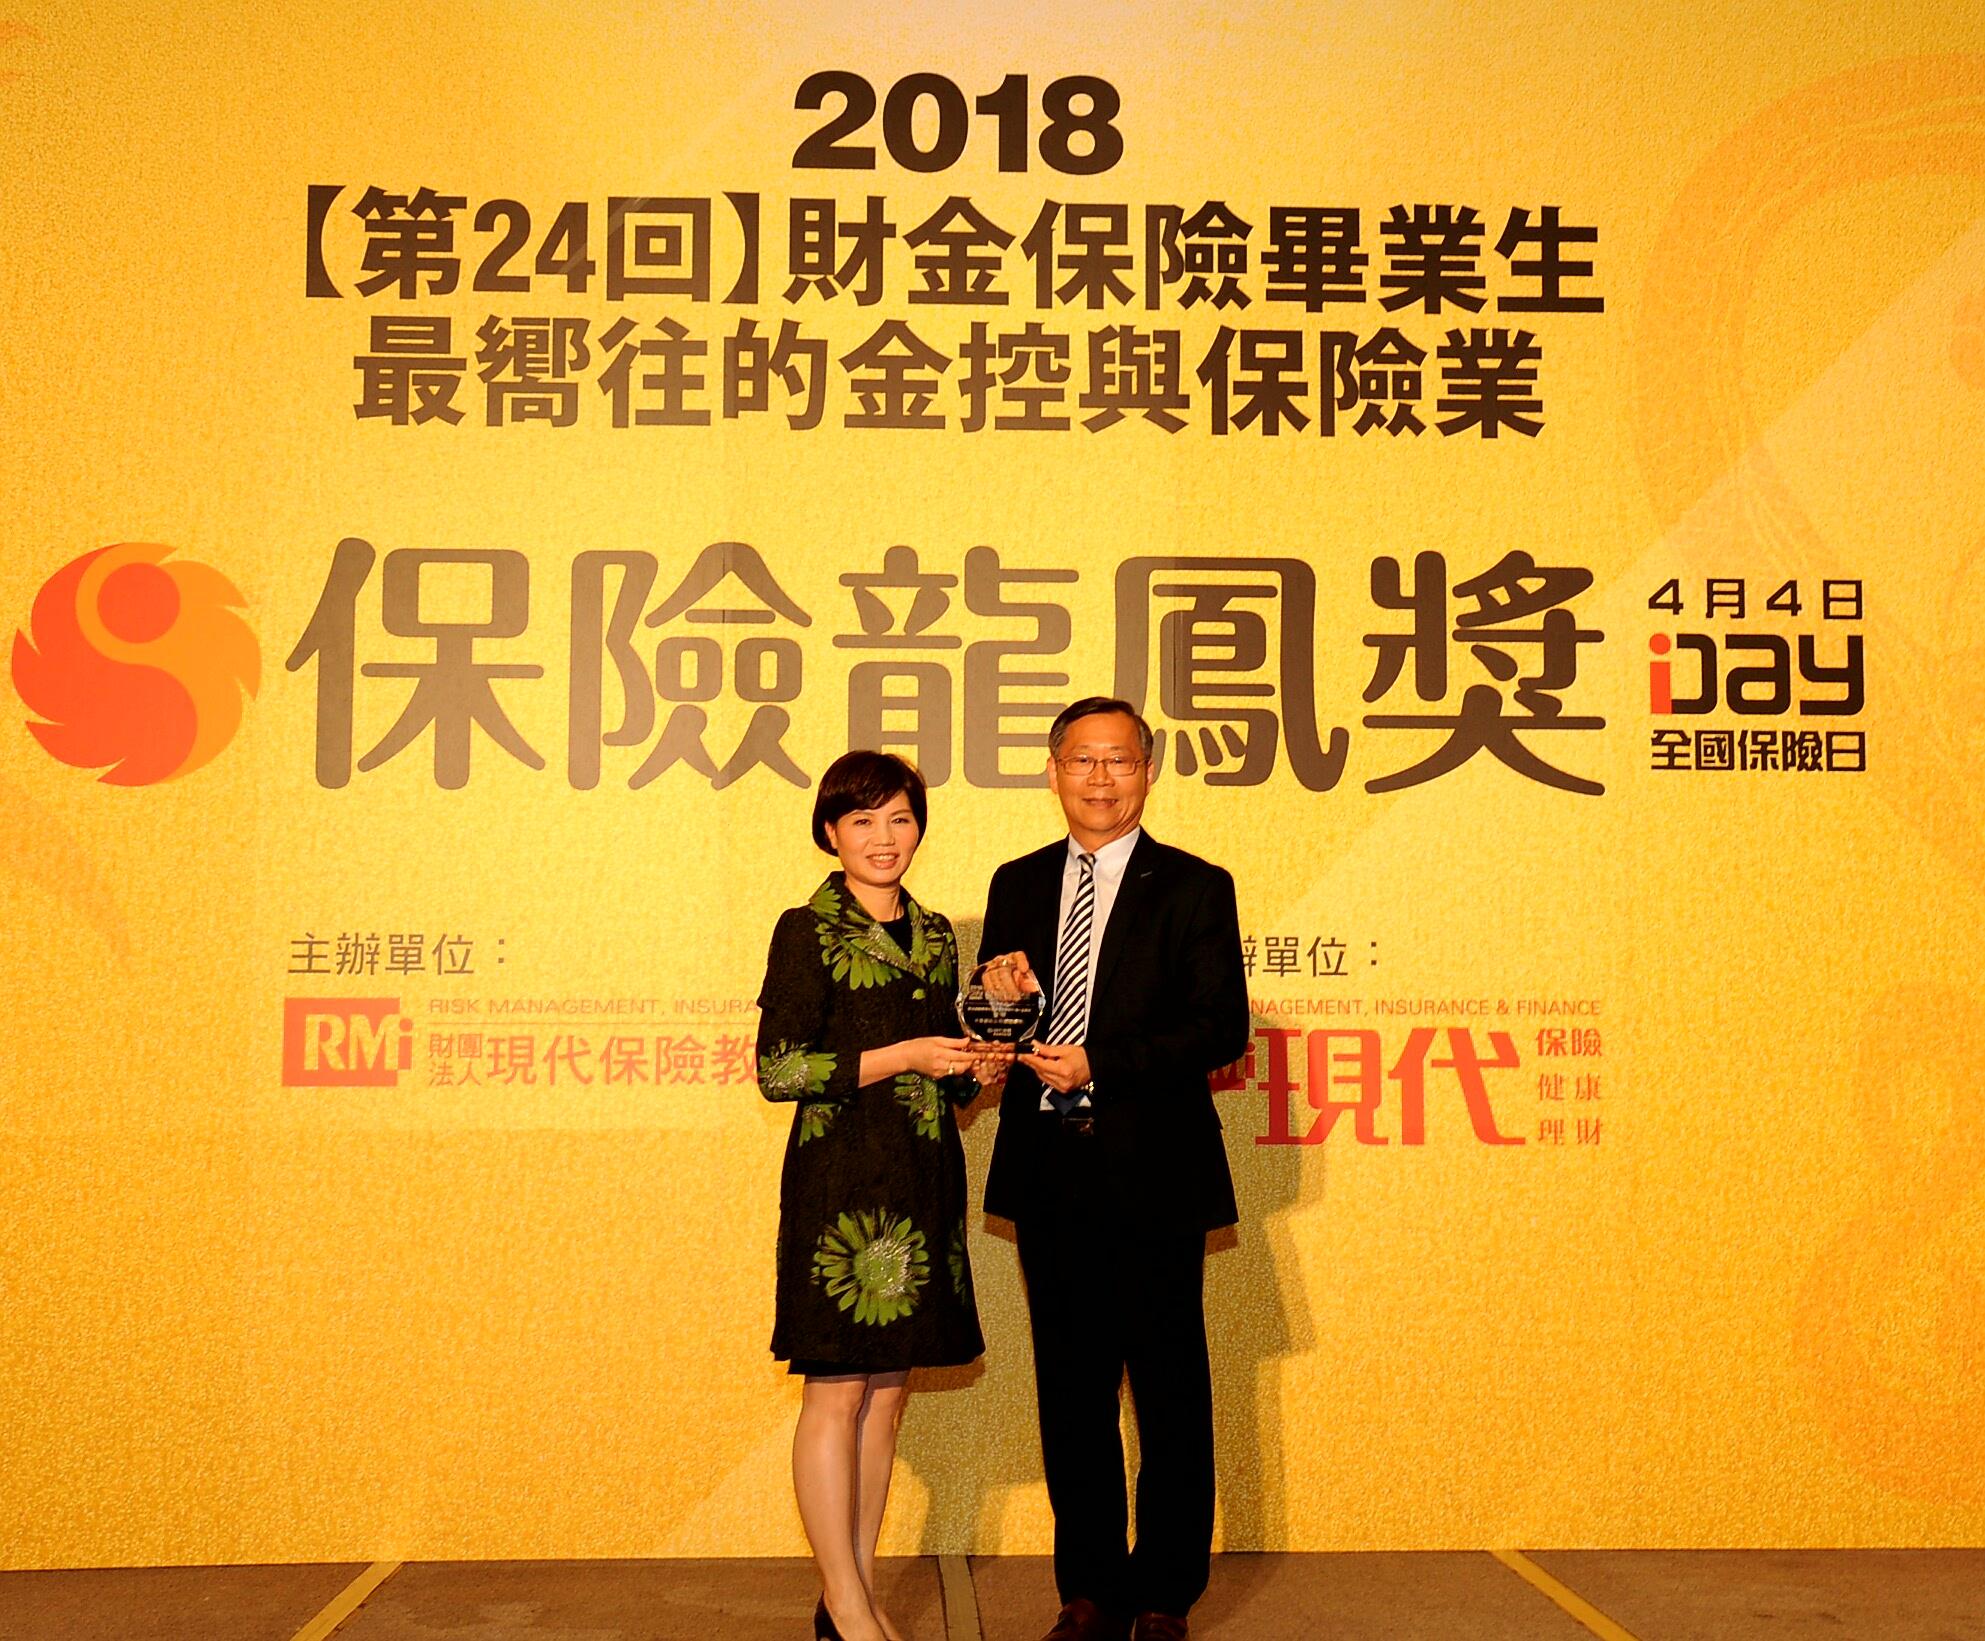 本公司榮獲「2018保險龍鳳獎」-壽險公司內勤組及外勤組優等